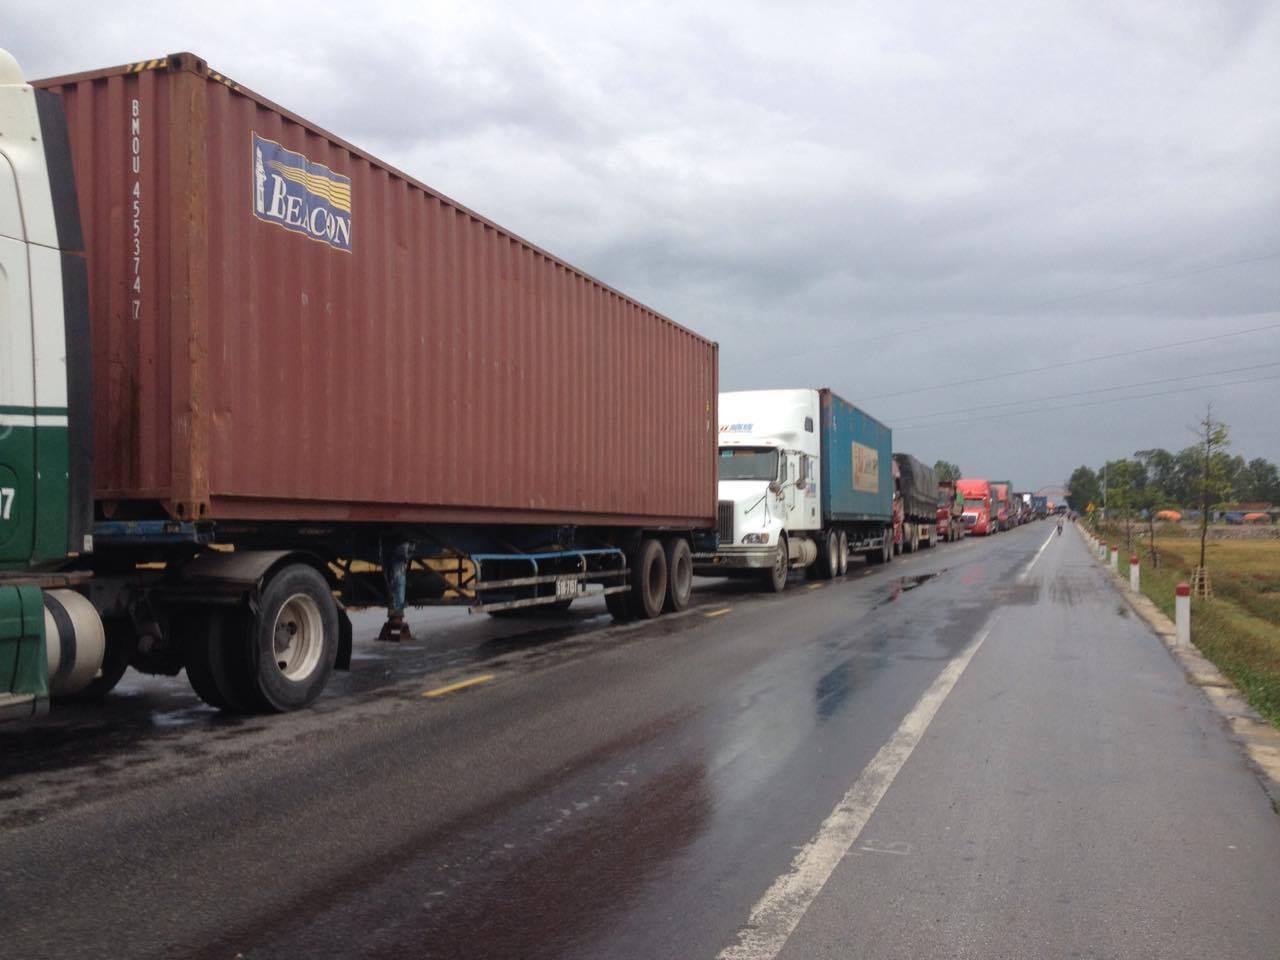 Quốc lộ 1A đoạn tránh TP Vinh tắc nghẽn kéo dài sau vụ tai nạn hi hữu.